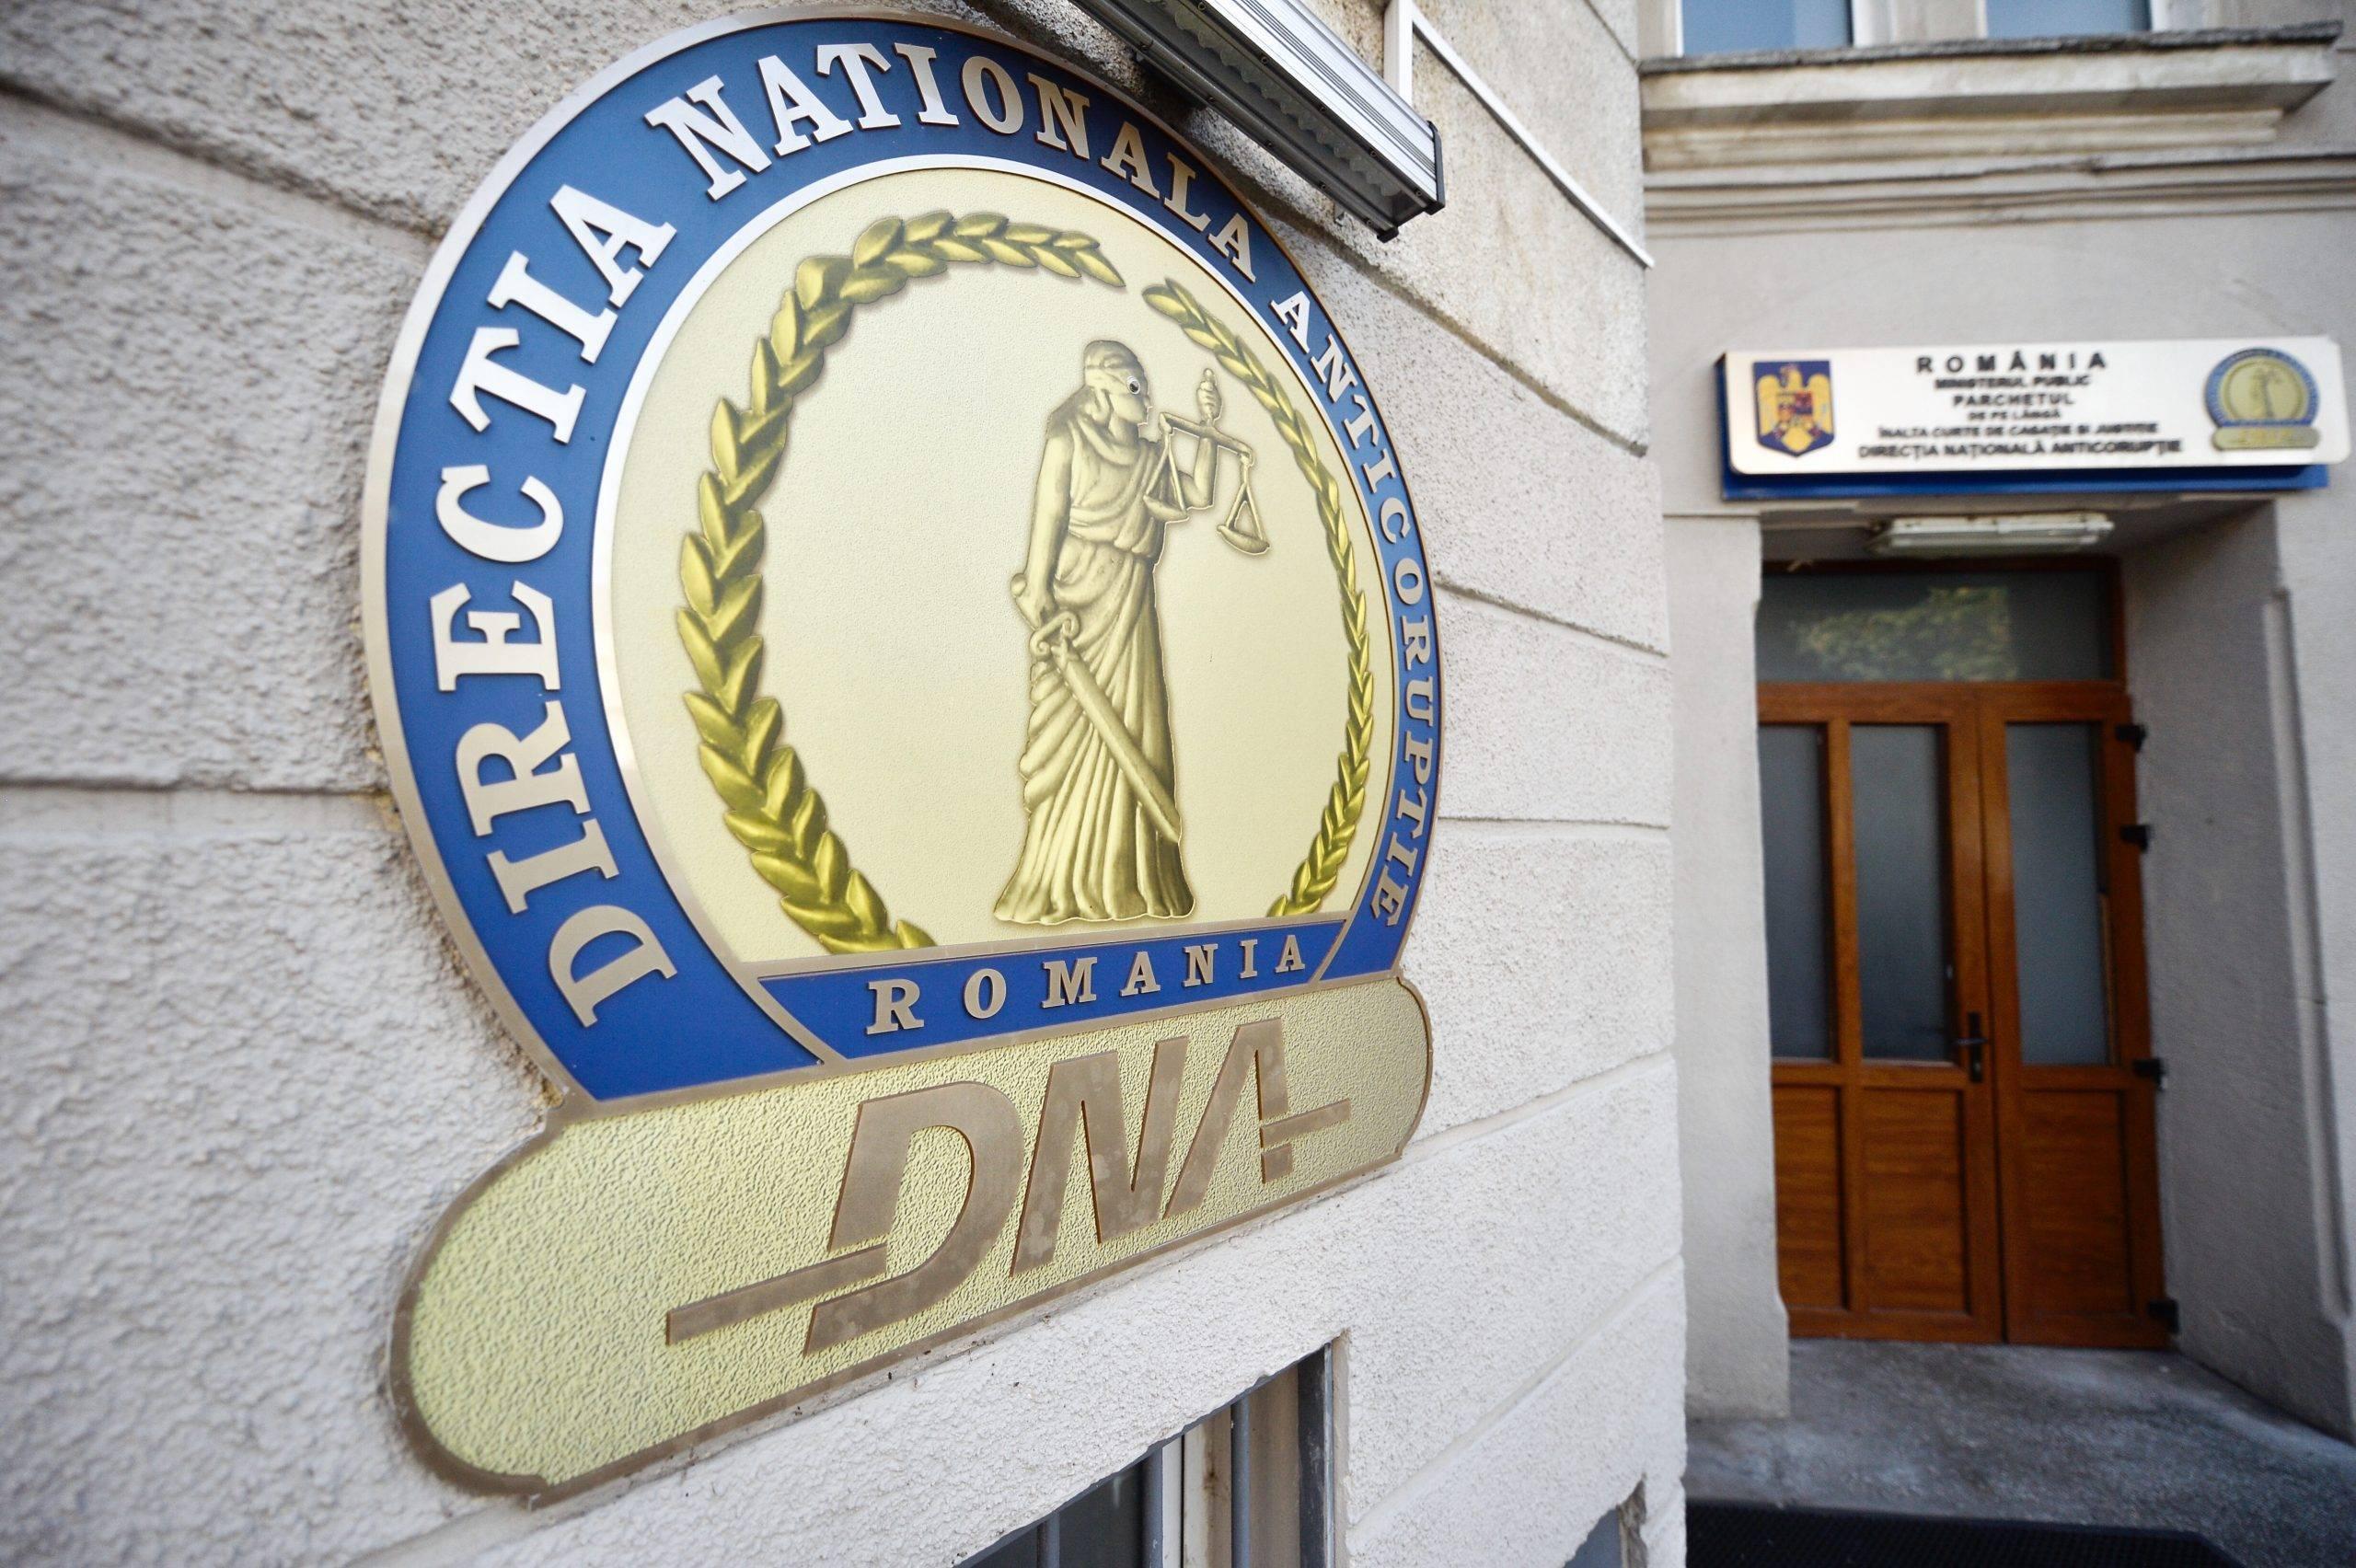 Comisar renumit, de la Direcția de Investigare a Criminalității Economice, trimis în judecată de DNA